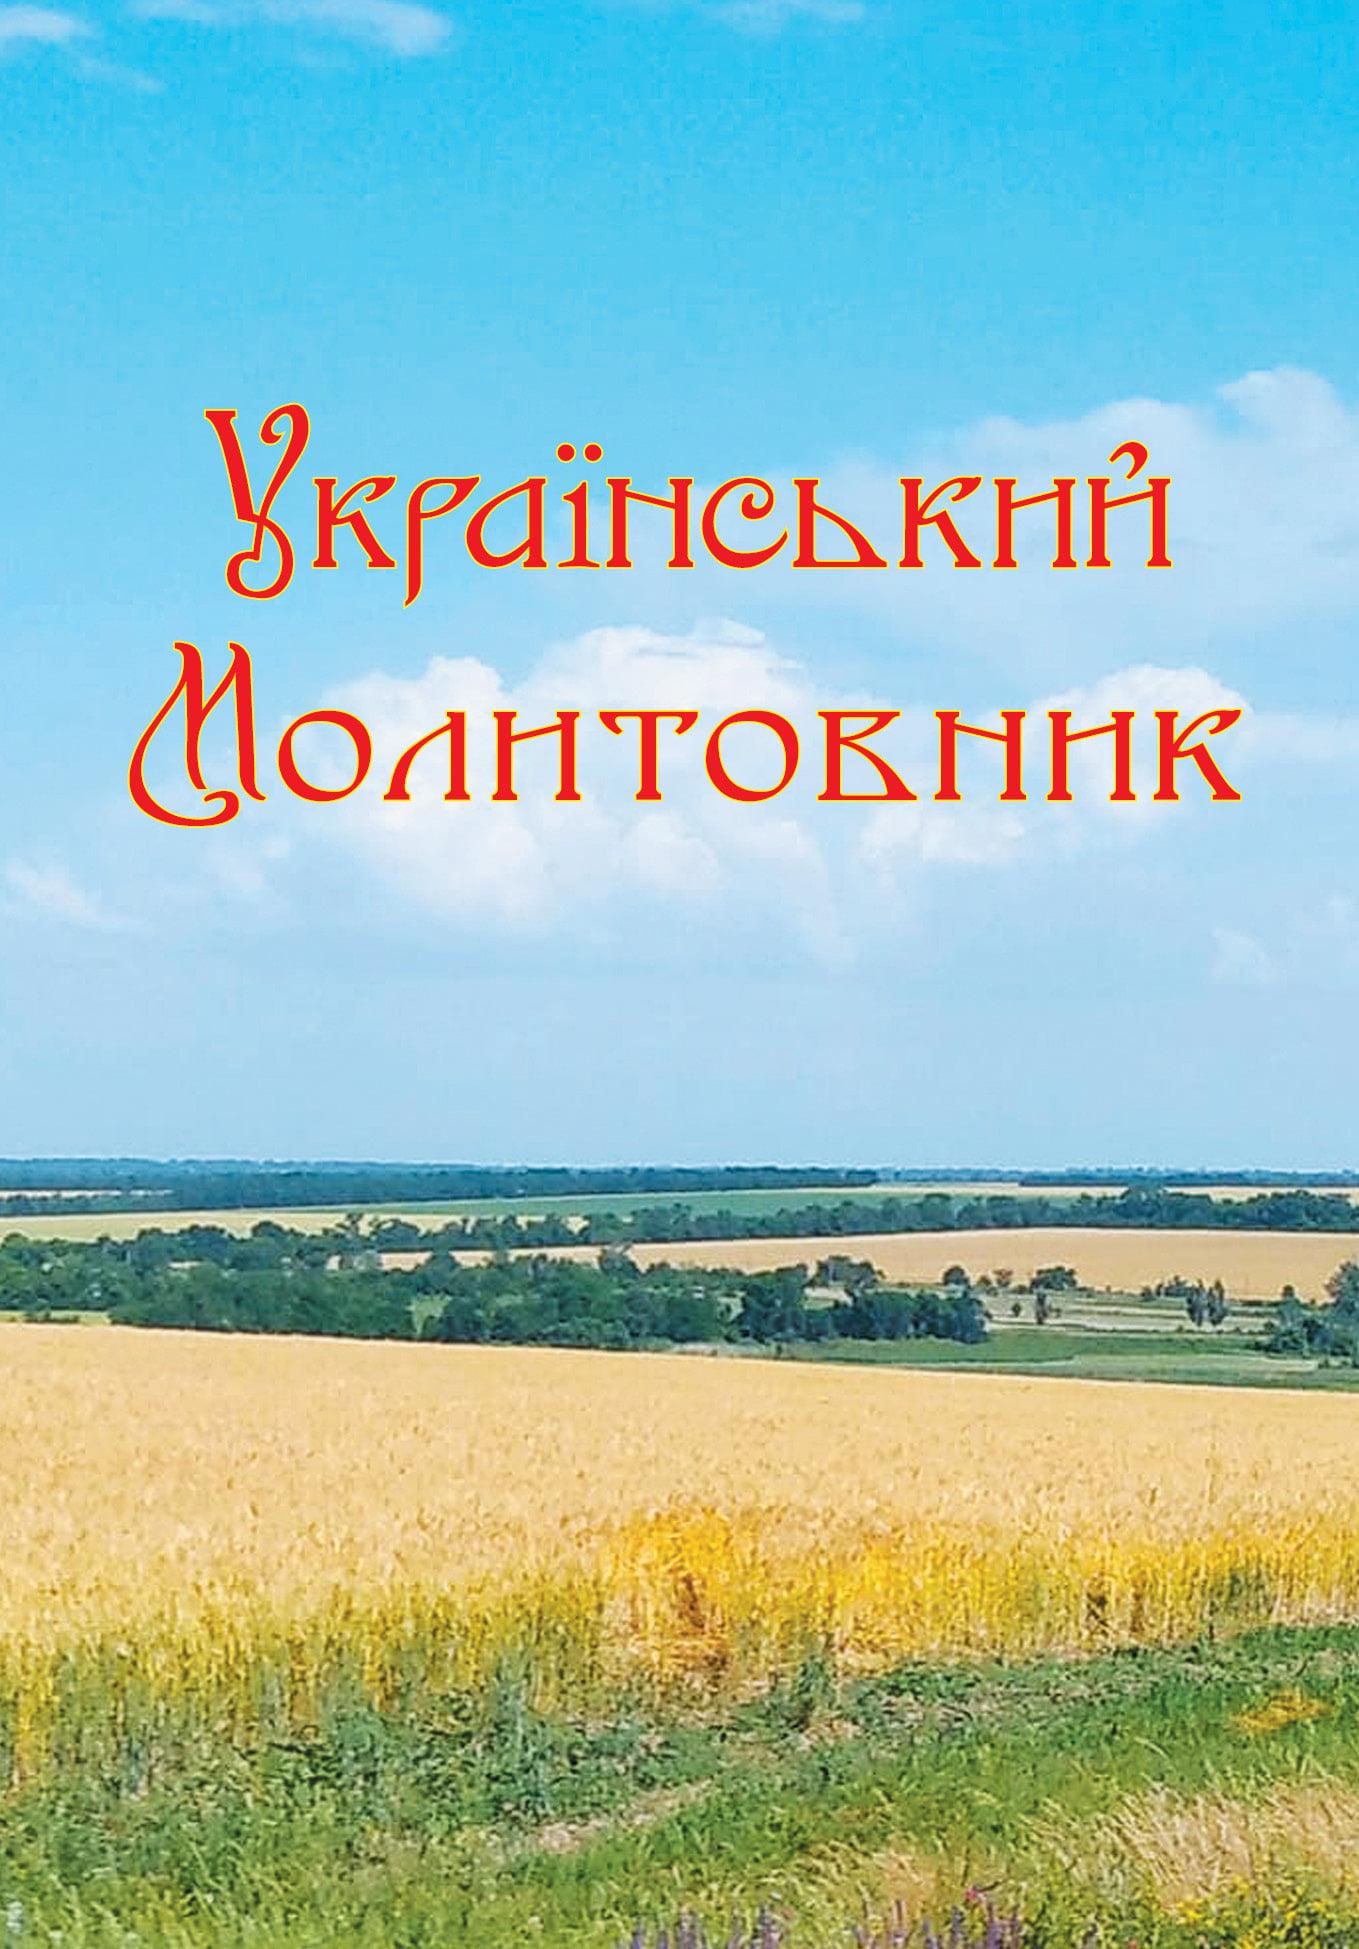 Український молитовник